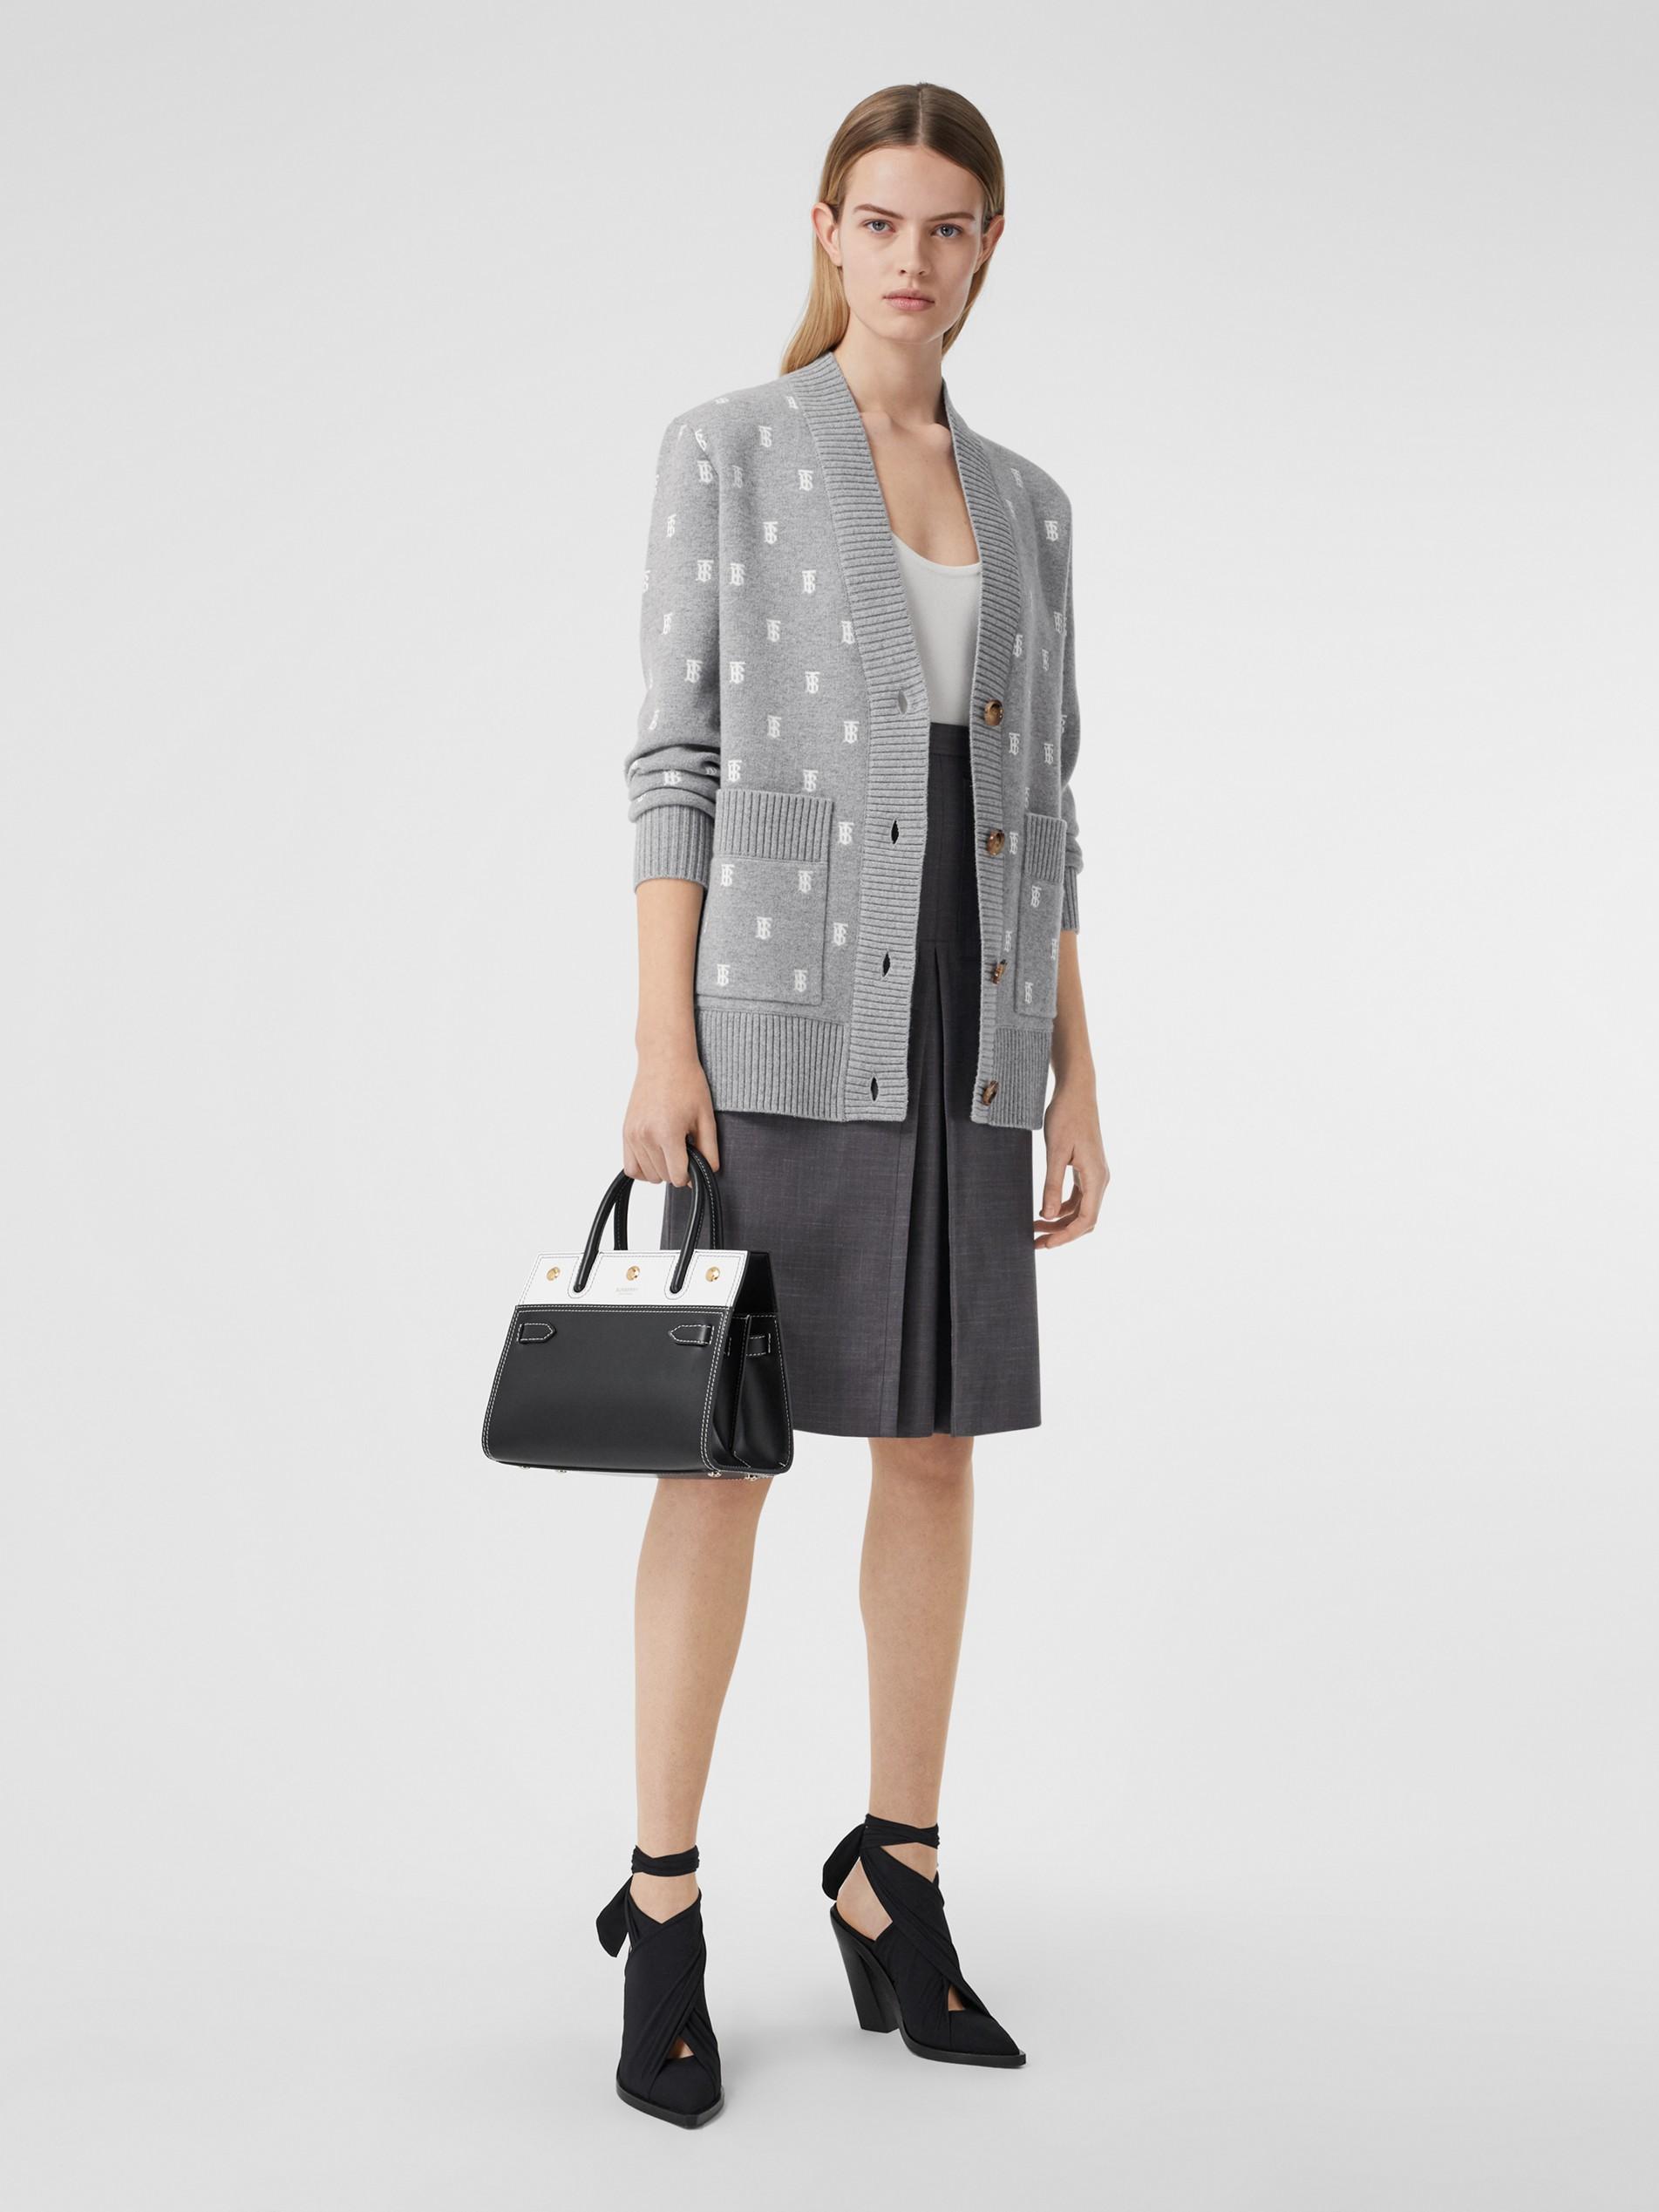 针织提花面料图片_专属标识装饰羊毛混纺宽松开衫 (中调麻灰) | Burberry 博柏利